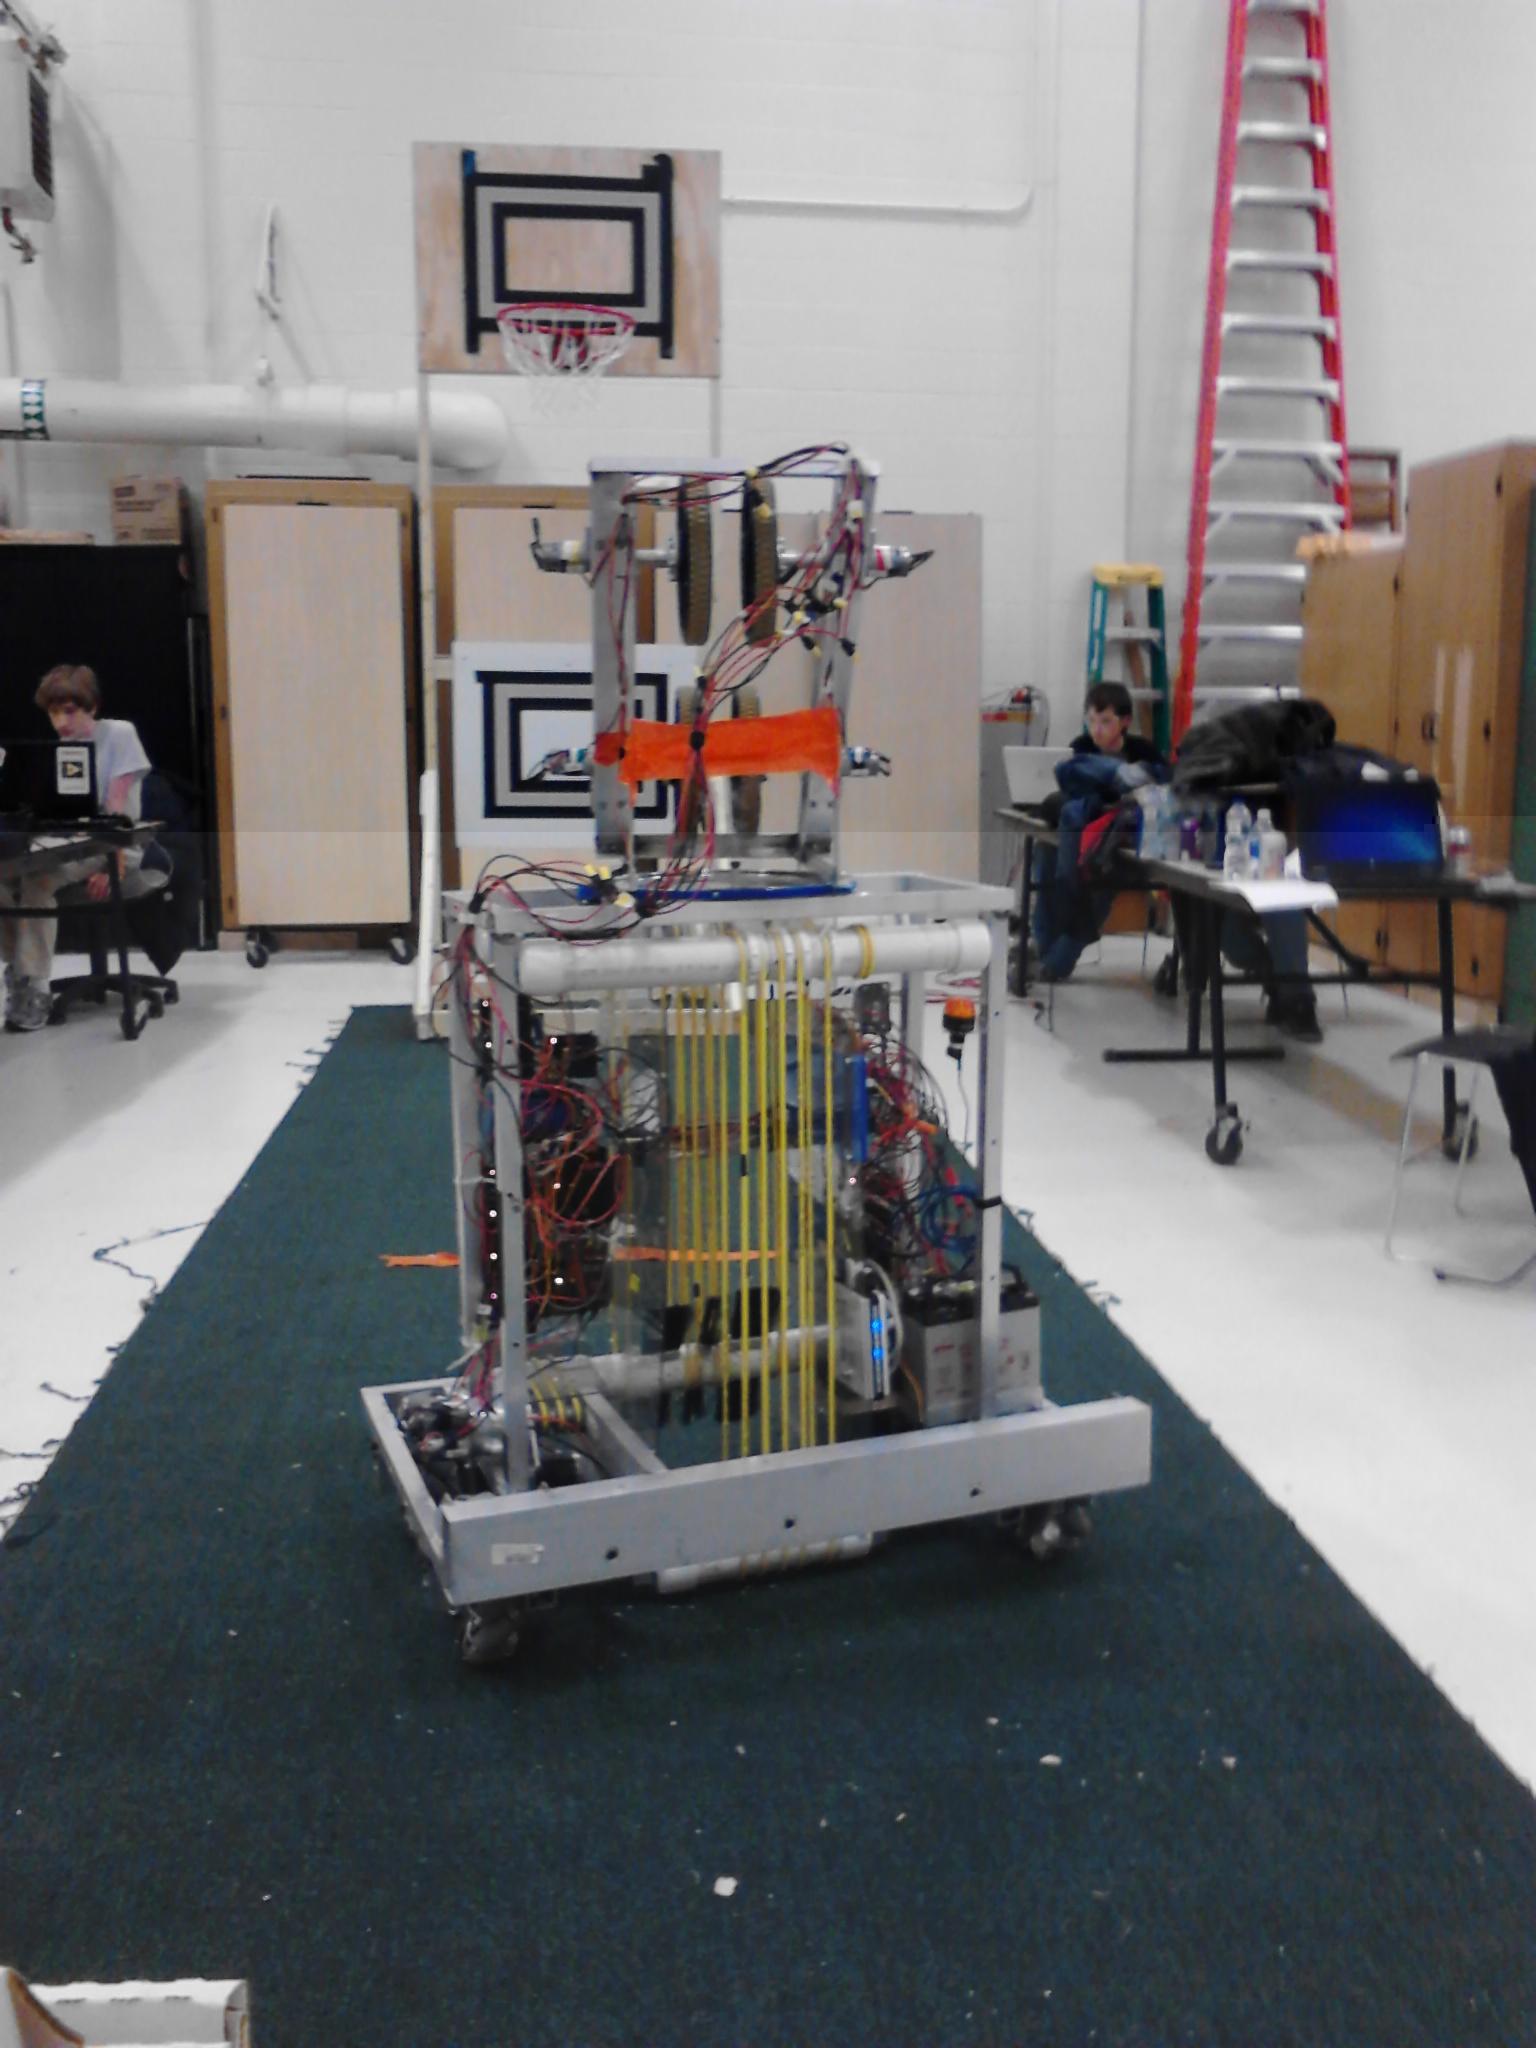 Order 2 Chaos robot